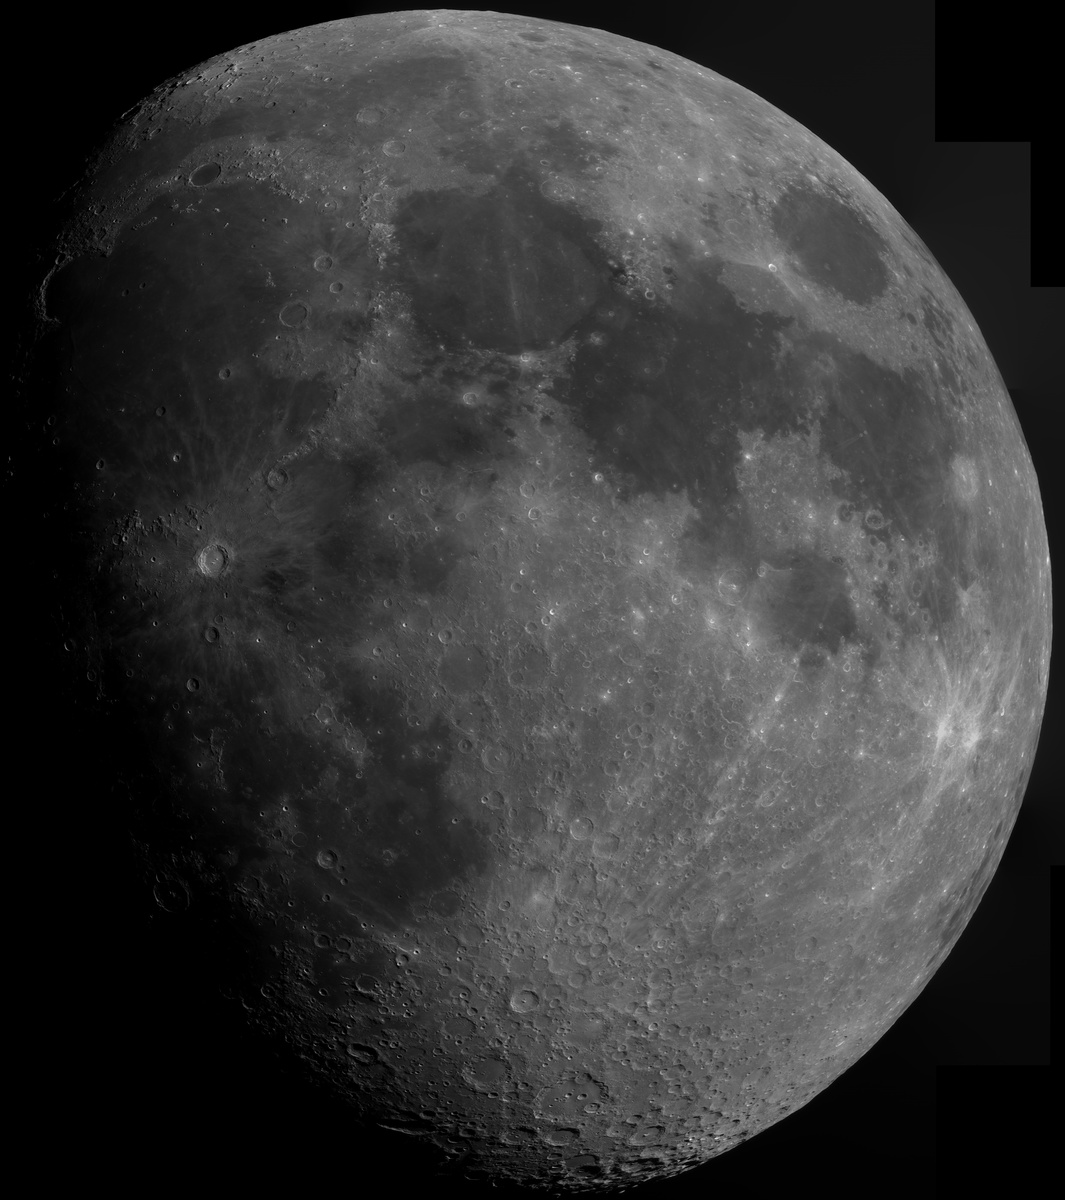 Moon_2019_04_15_214647_stitch2.thumb.jpg.d422c00771fc121820005983ccc7ef7f.jpg